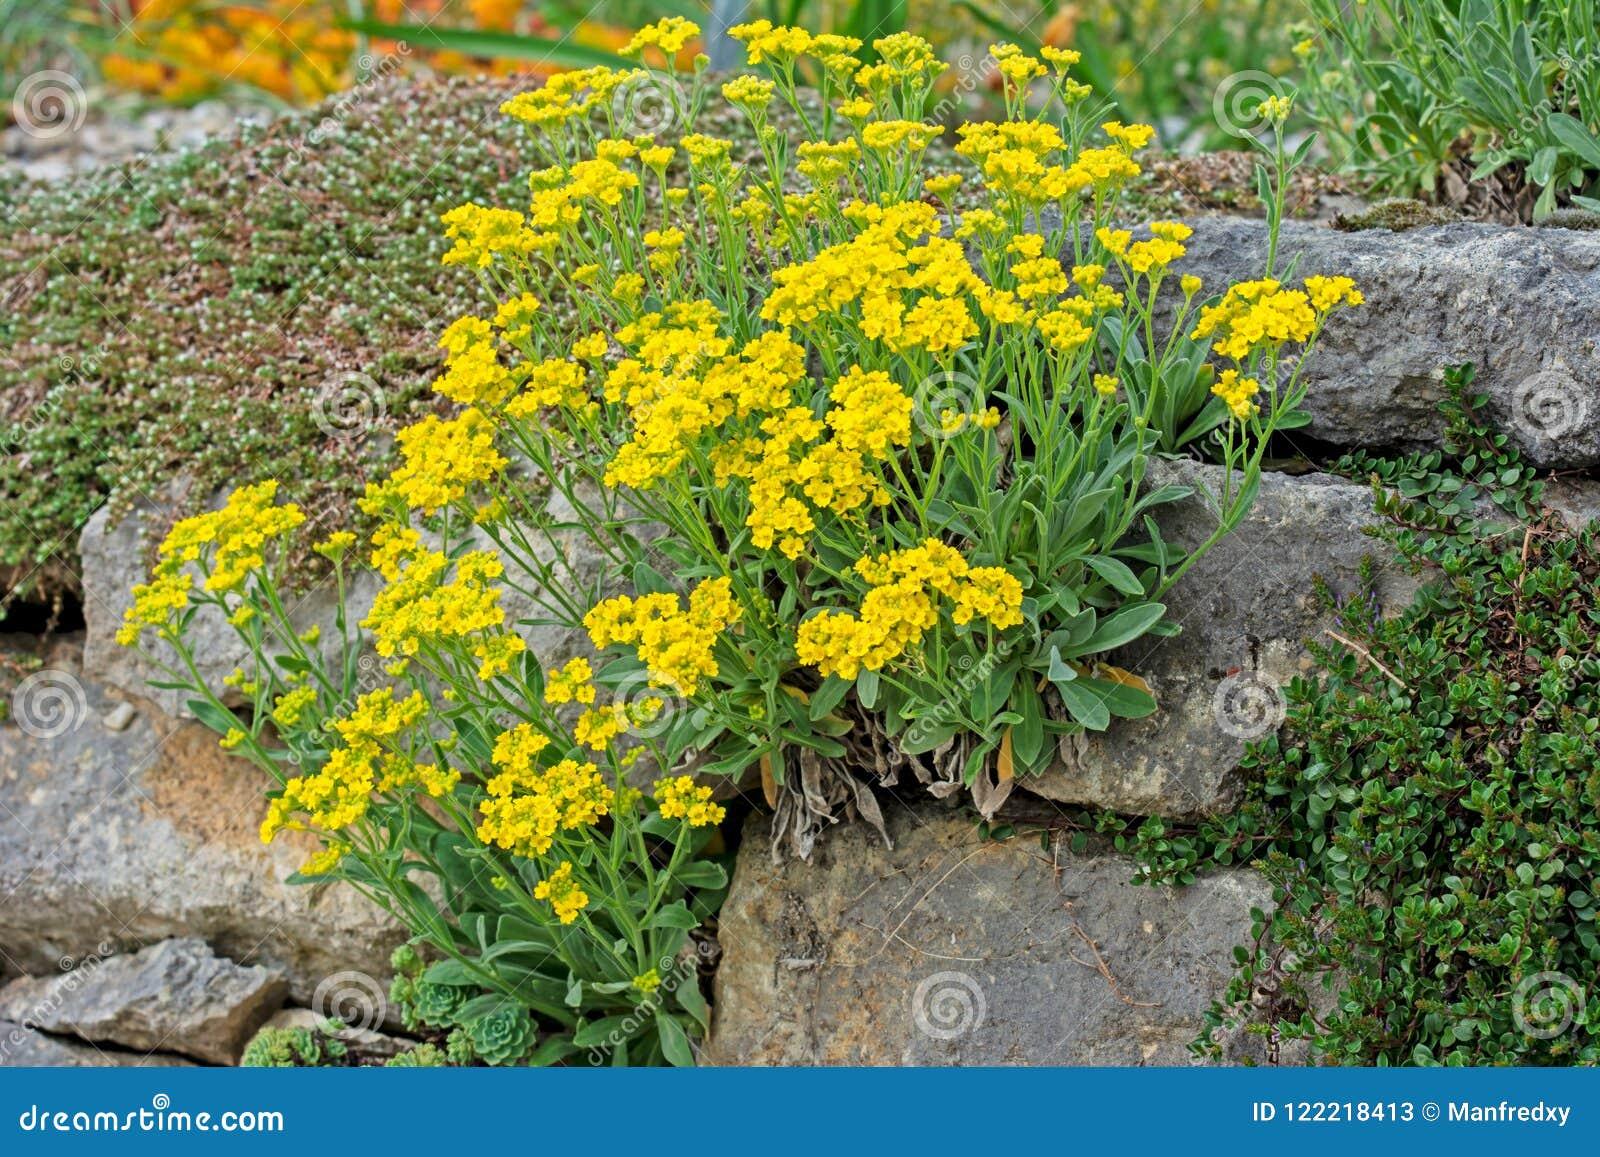 Jardim ornamental com flores amarelas